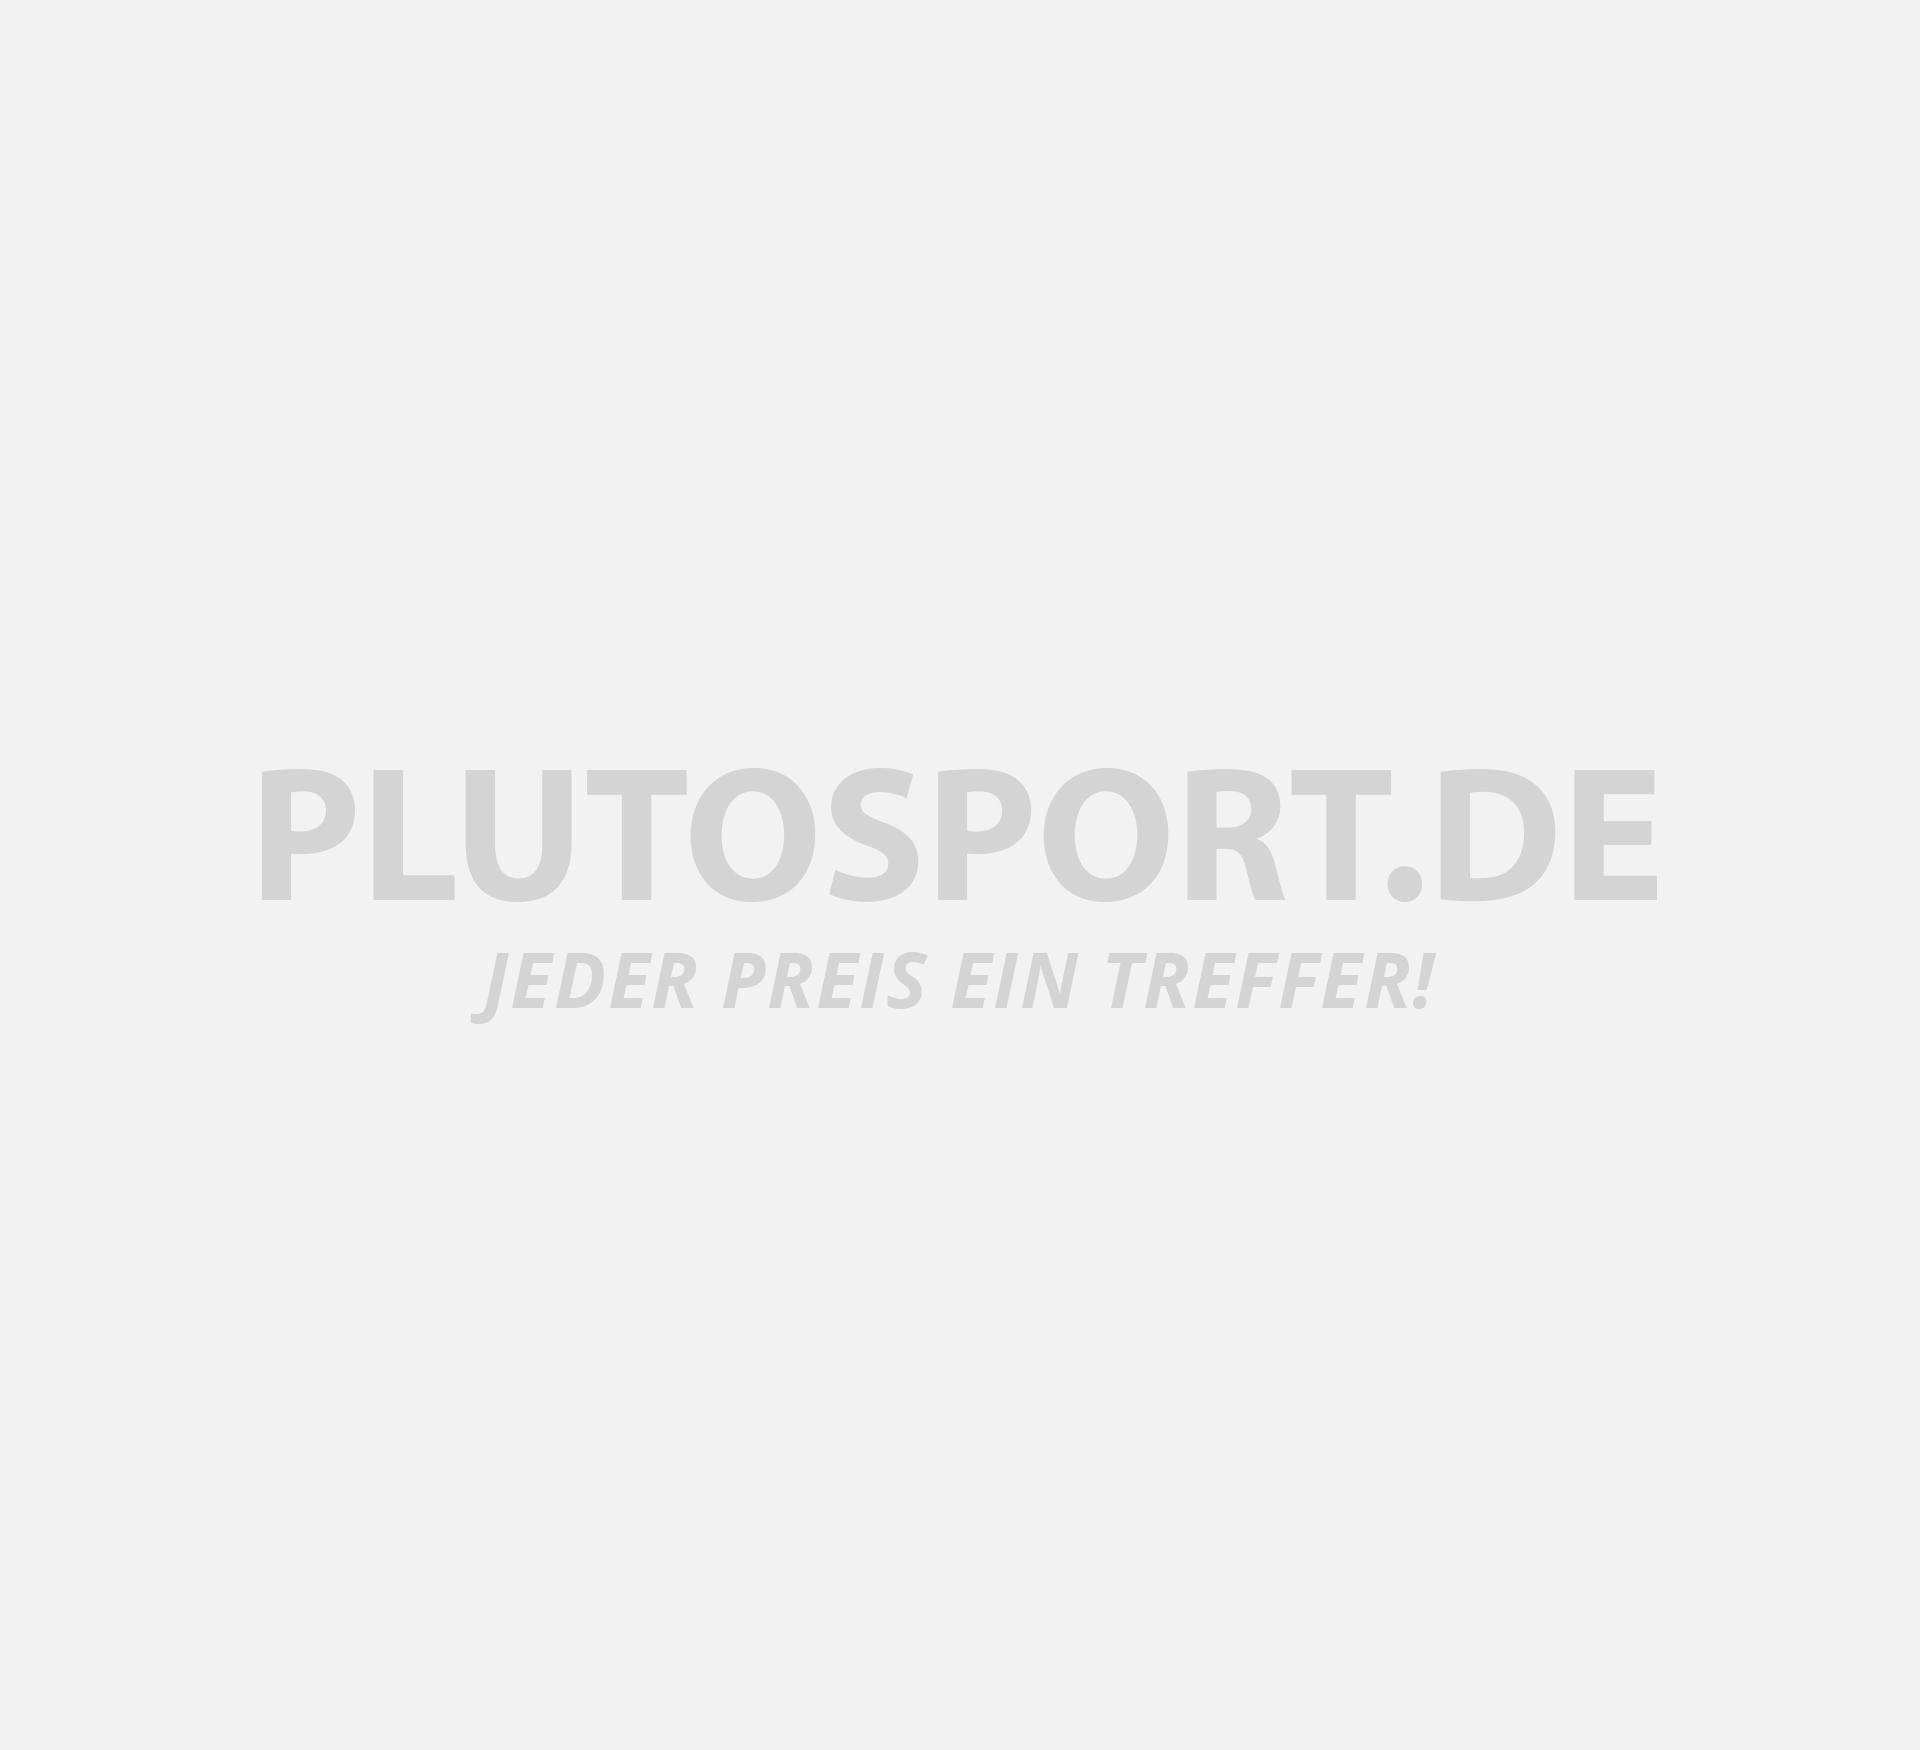 Asics Gel-Excite 7 Laufsportschuhe Damen